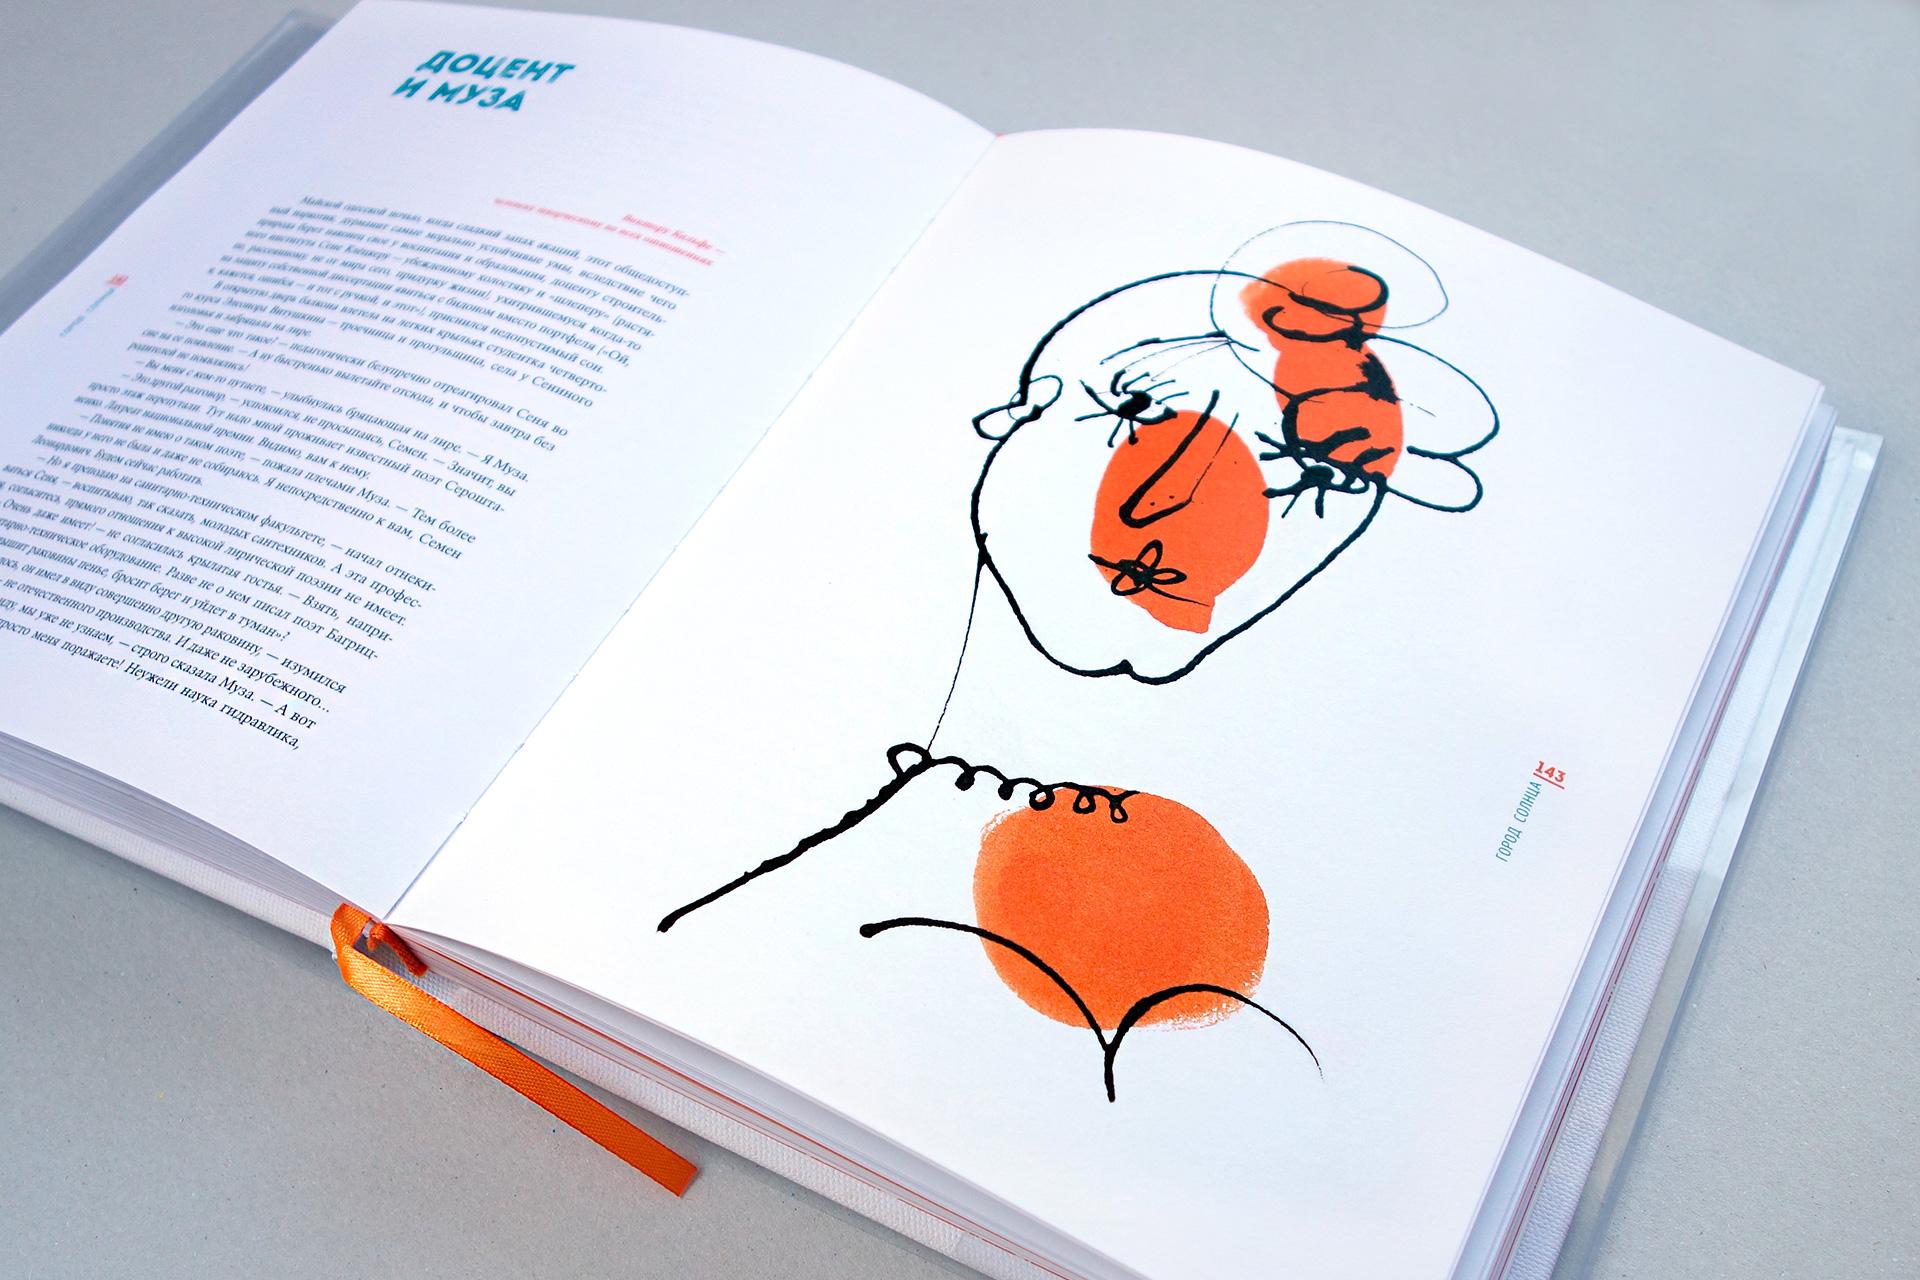 Агентство Asgard Branding, юбилейный альбом, дизайн, печать, печатные издания, дизайн книги, Георгий Голубенко, Михаил Рева, иллюстрации